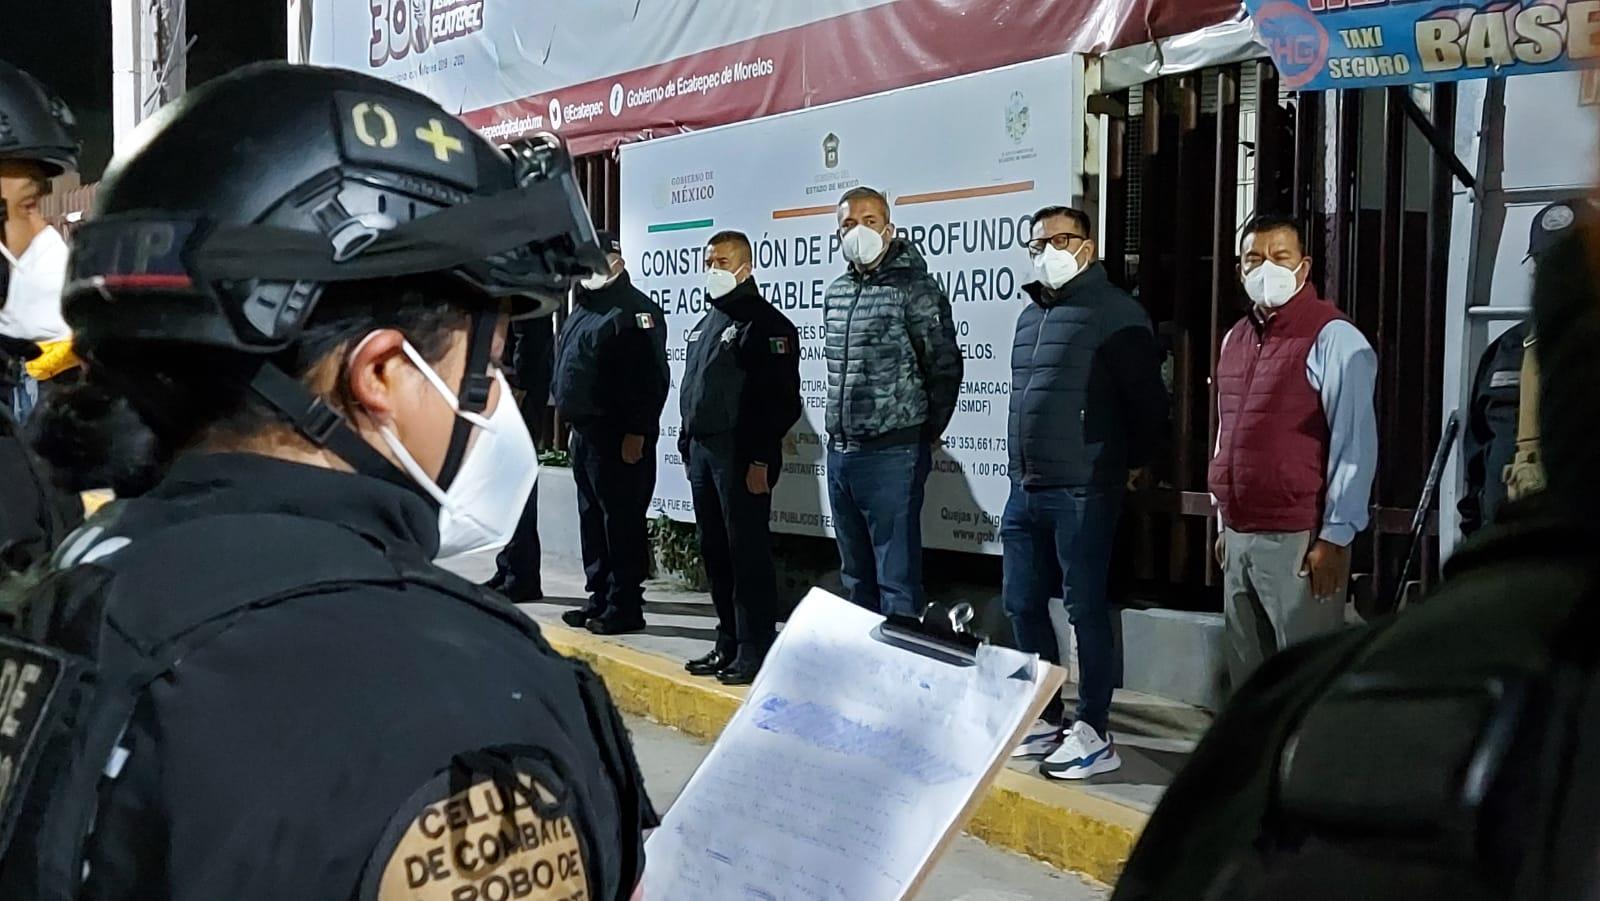 Alcalde encabezará marcha de 15 mil vecinos de Ecatepec a Toluca en demanda de presupuesto para agua